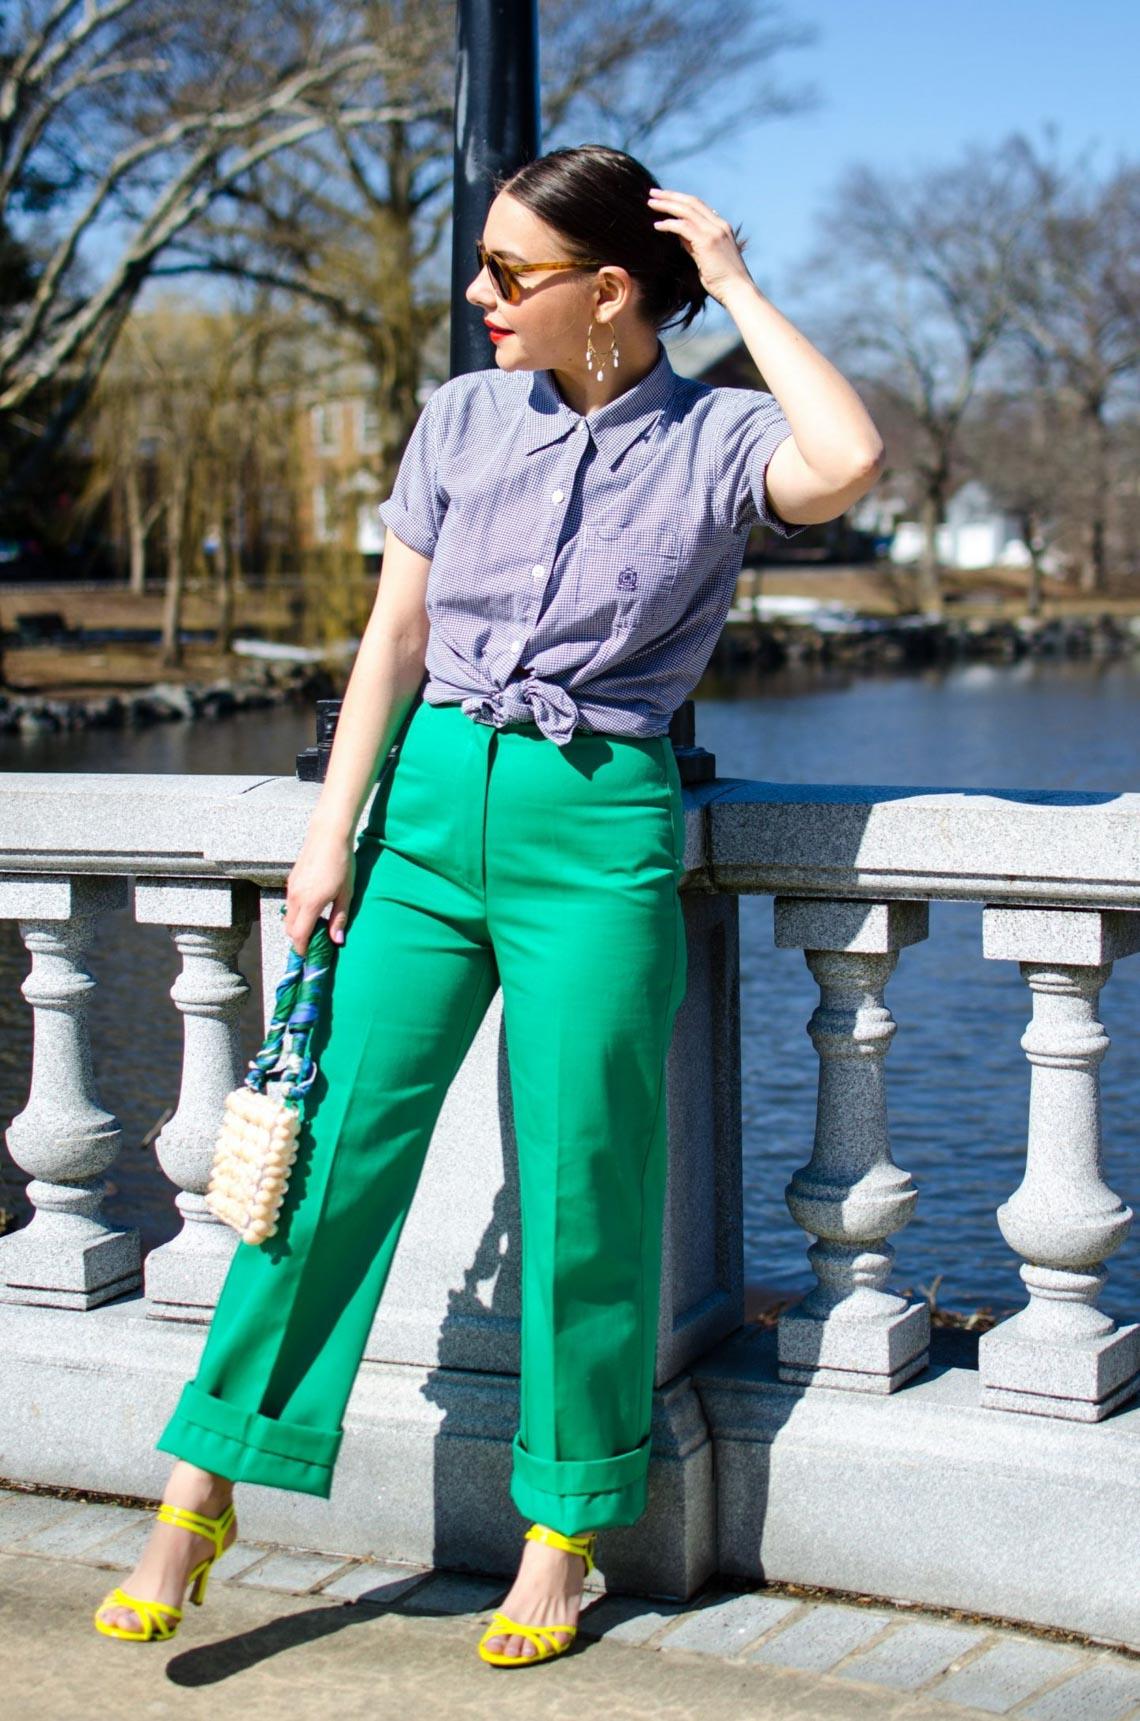 Các màu sắc trang phục giúp cải thiện tâm trạng tốt hơn -5